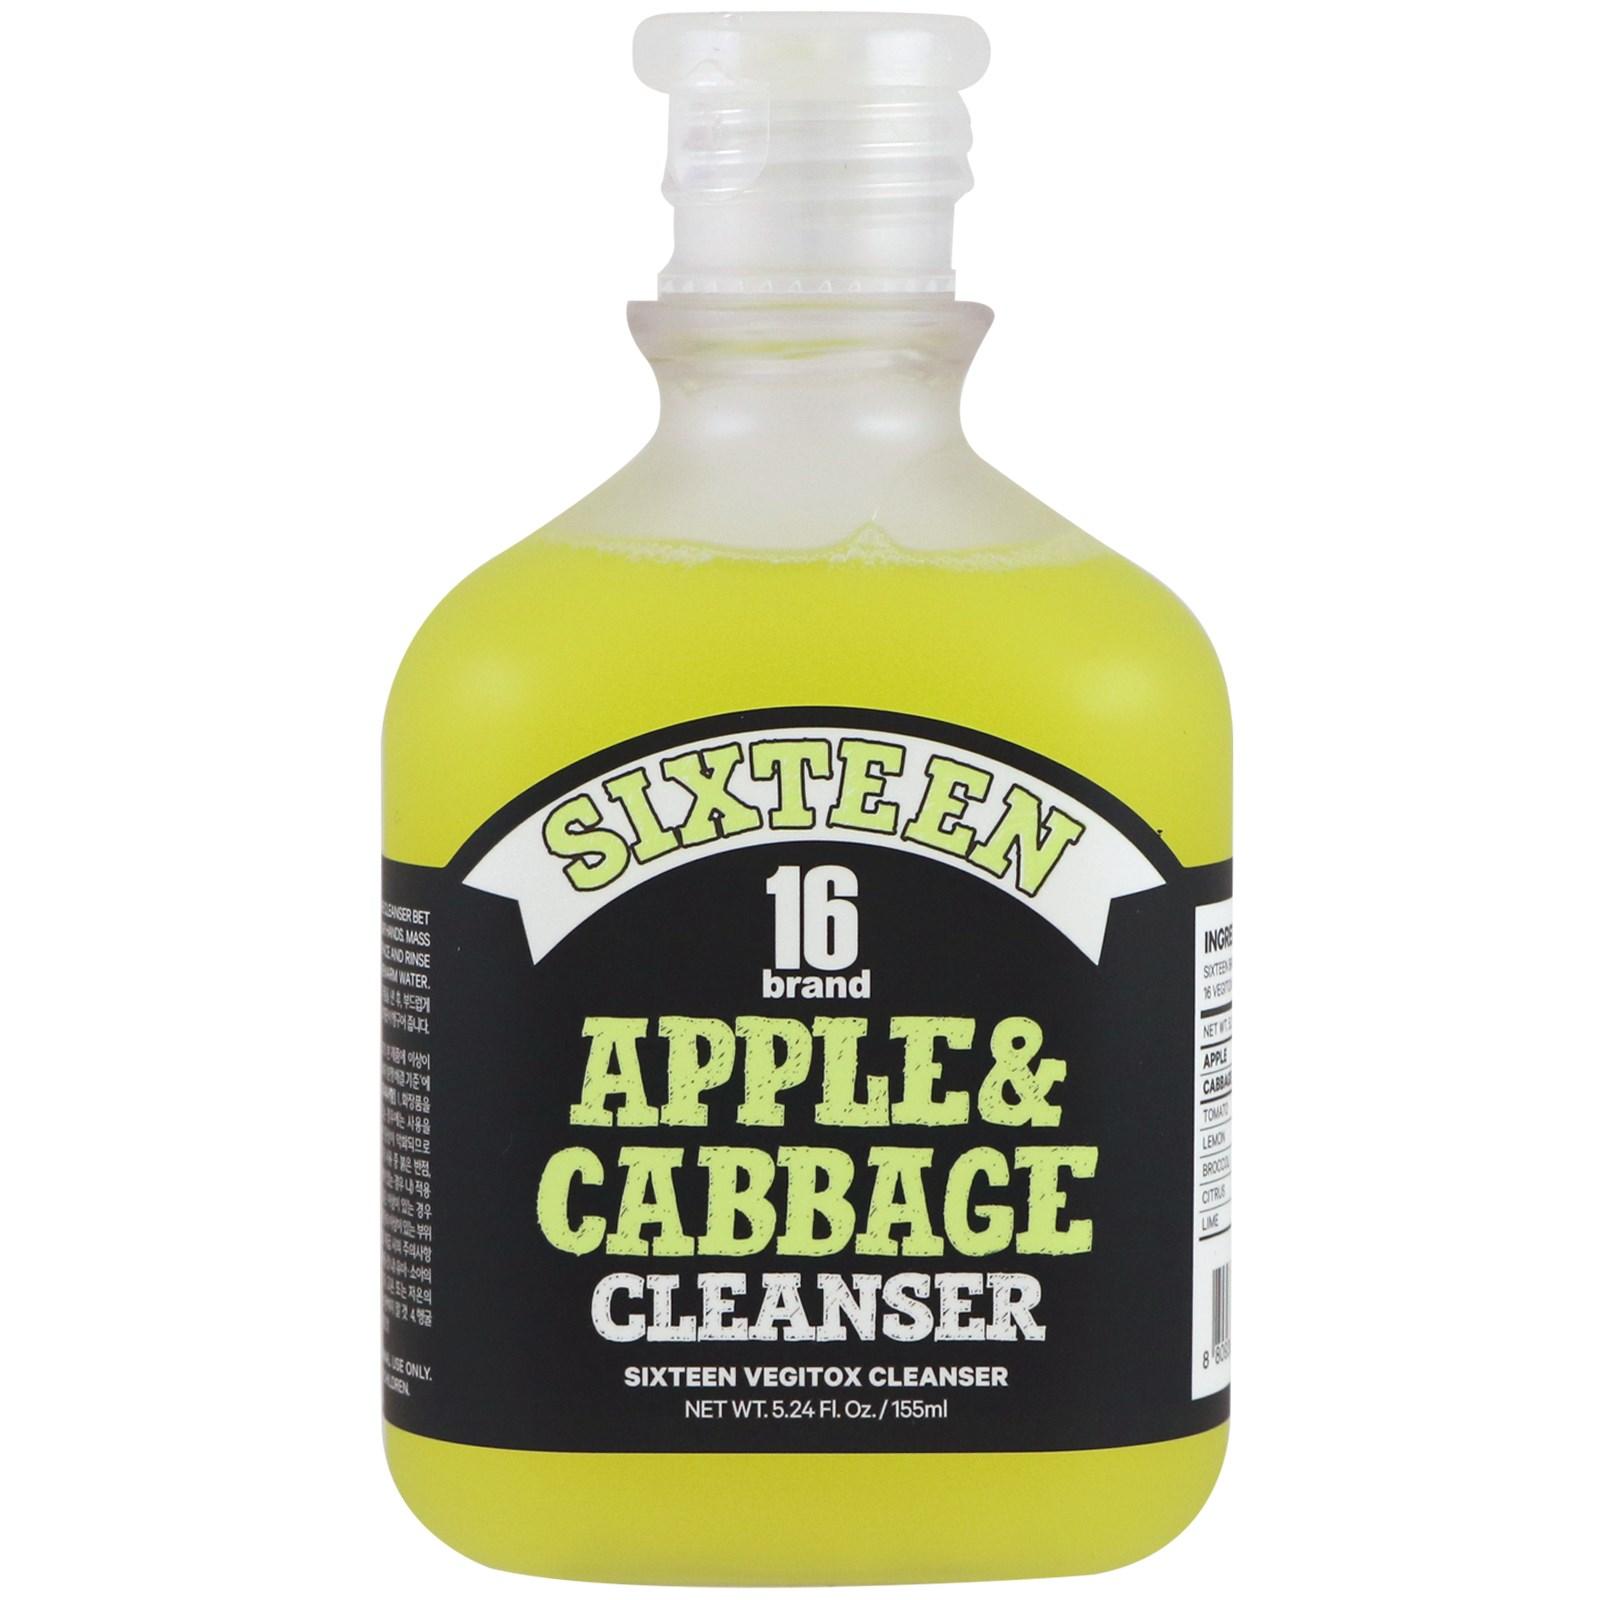 16 Brand, Vegitox, чистящее средство с яблоком и капустой, 5,24 ж. унц. (155 мл)